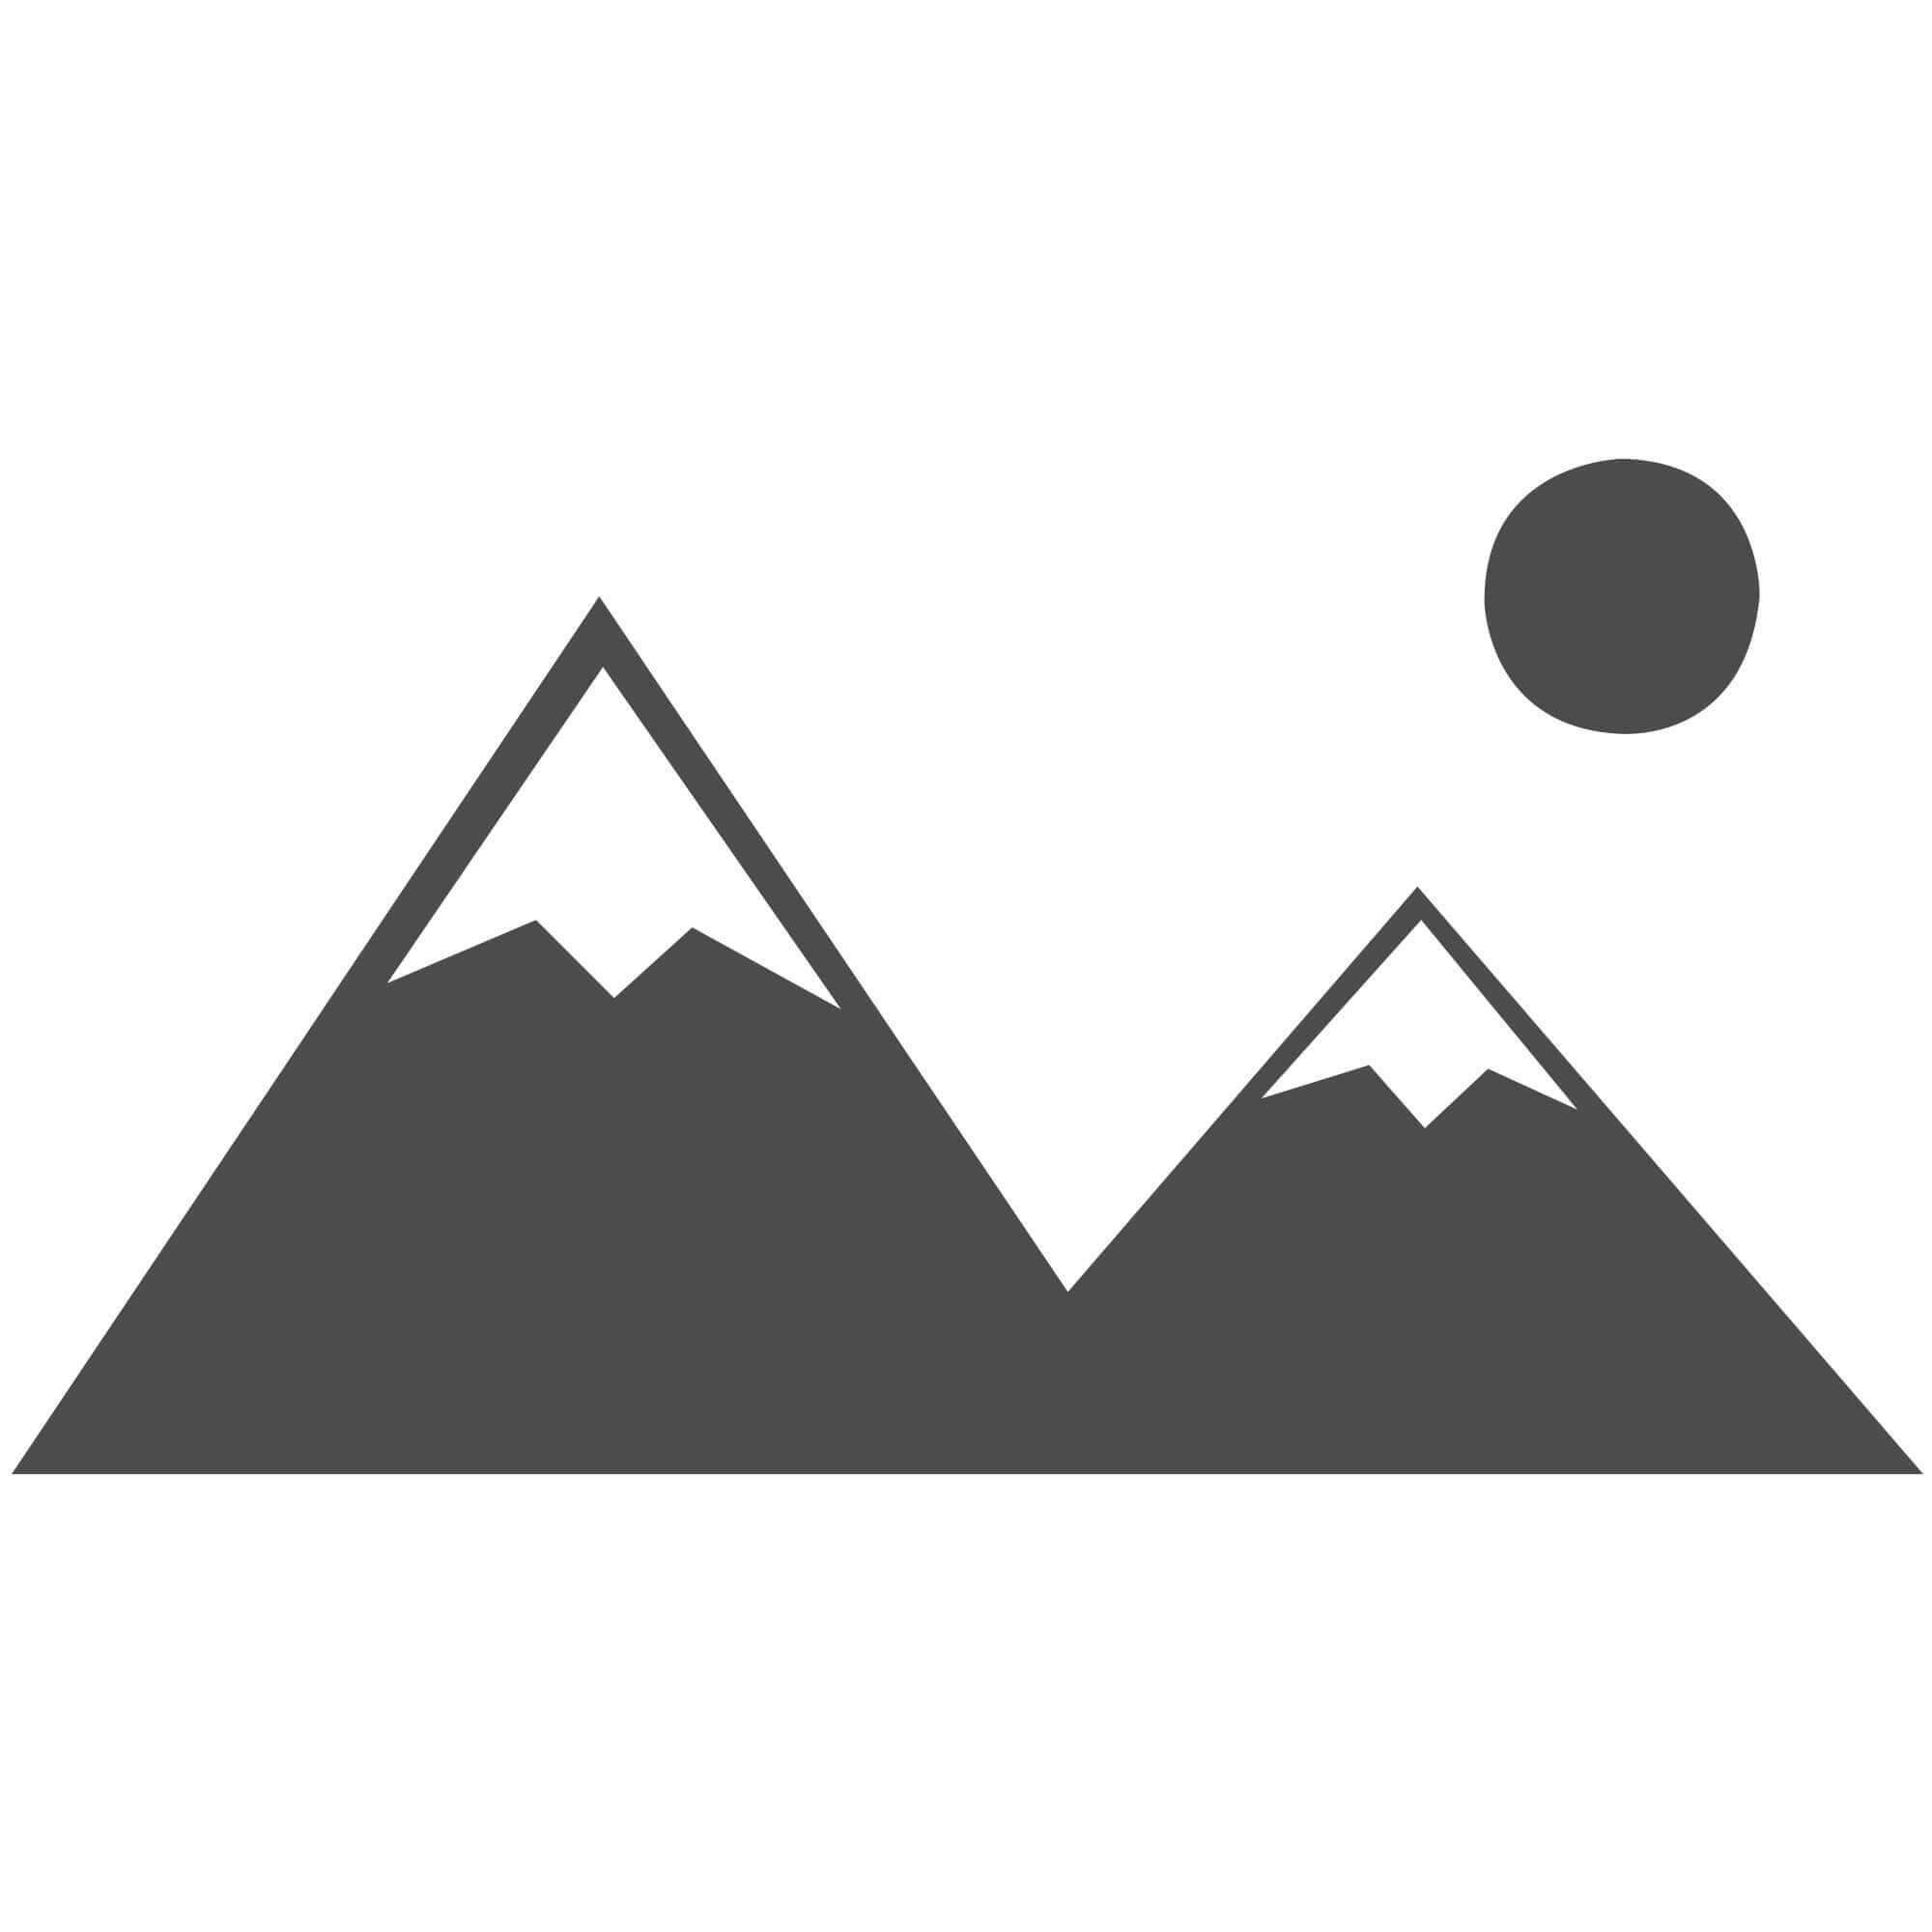 """Galleria Rug - Squares 63244 6474 - Size 240 x 330 cm (7'10"""" x 10'10"""")"""